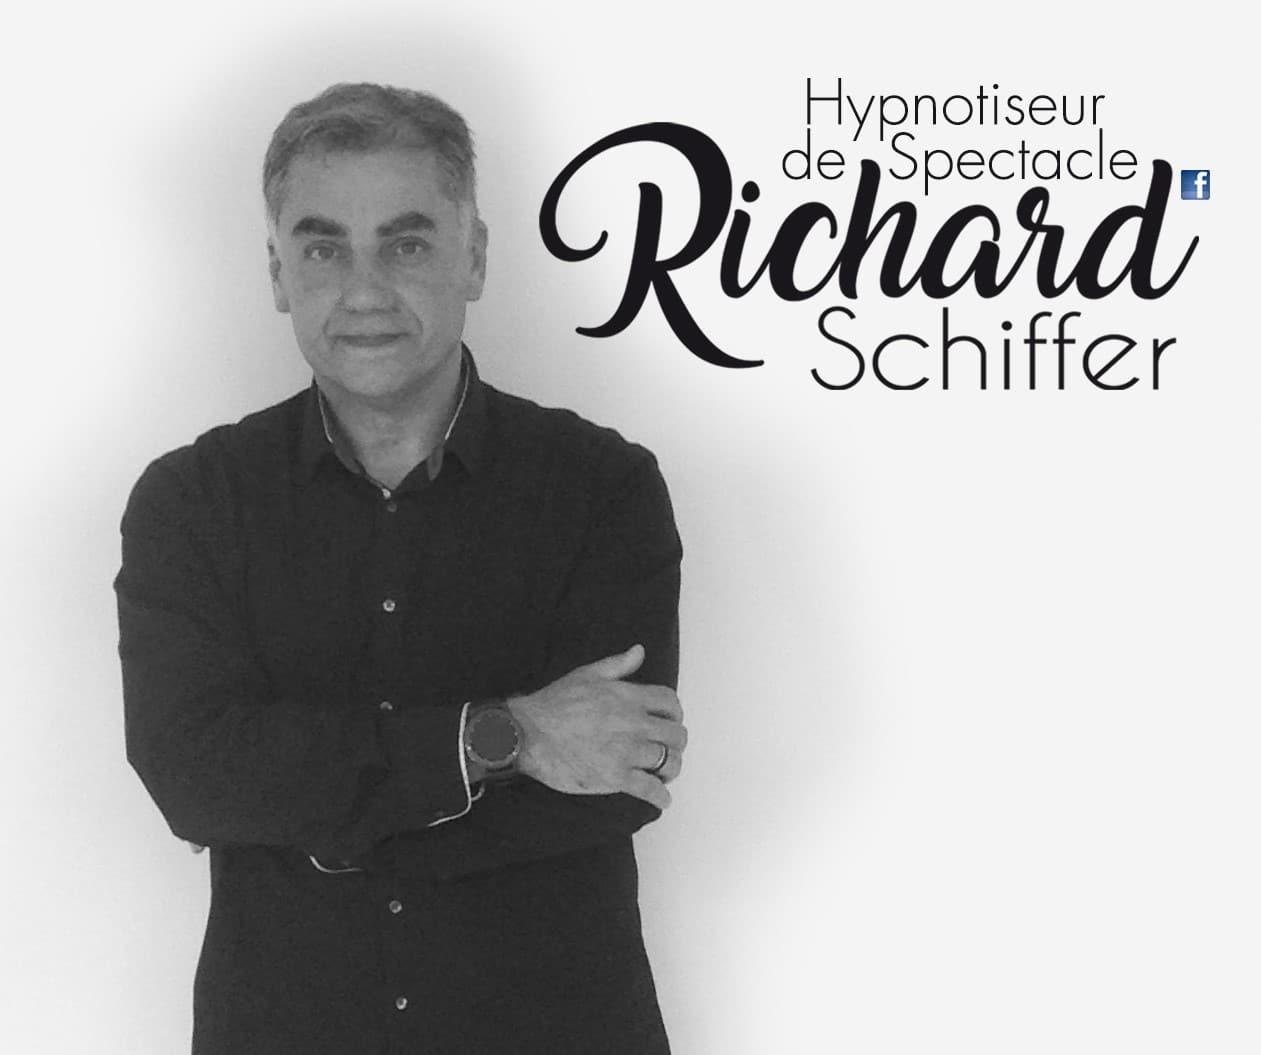 L'AVENTURE SUPRENANTE DE NOTRE MESSNER MARSEILLAIS AVEC RICHARD SCHIFFER HYPNOTISEUR DE SPECTACLE